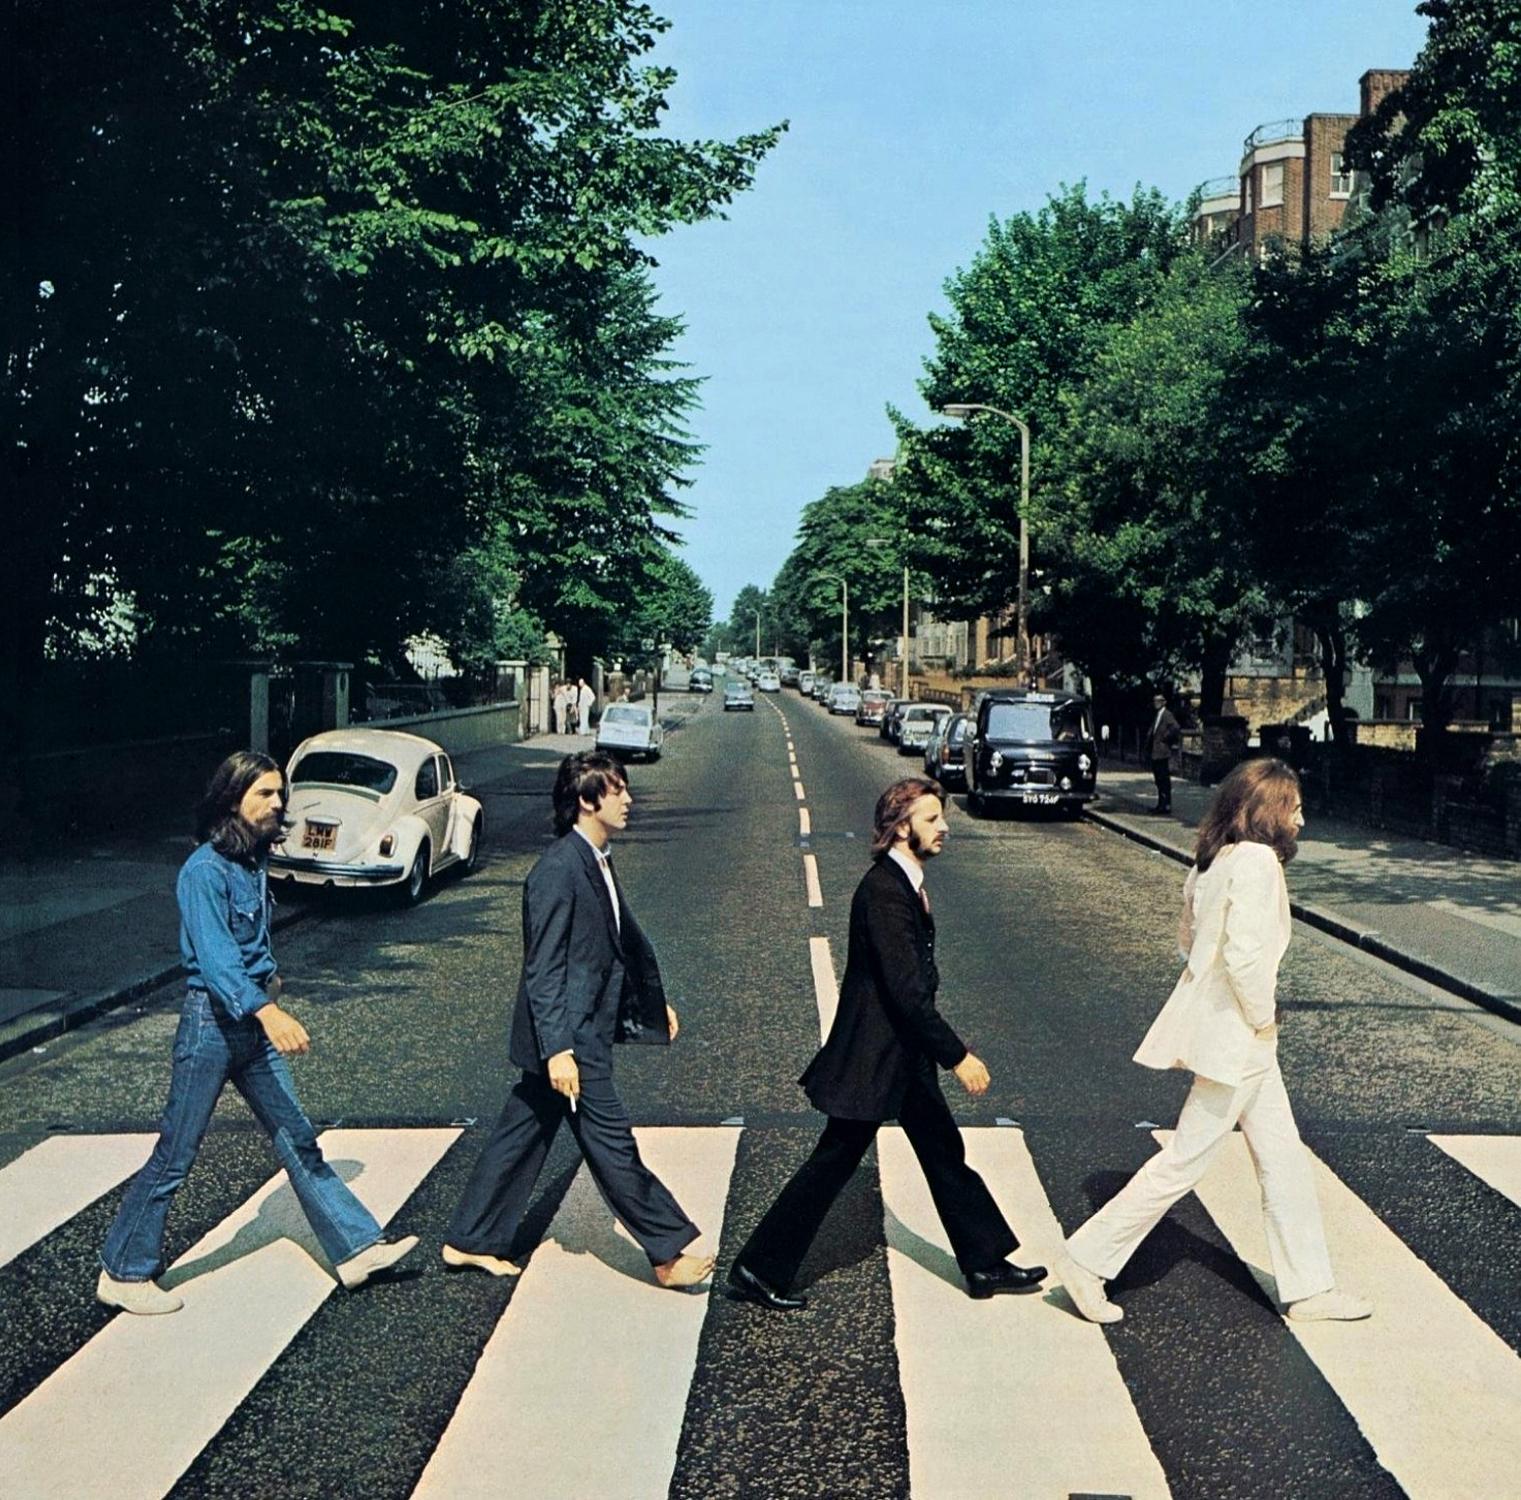 (12) Abbey Road (Apple, 1969)